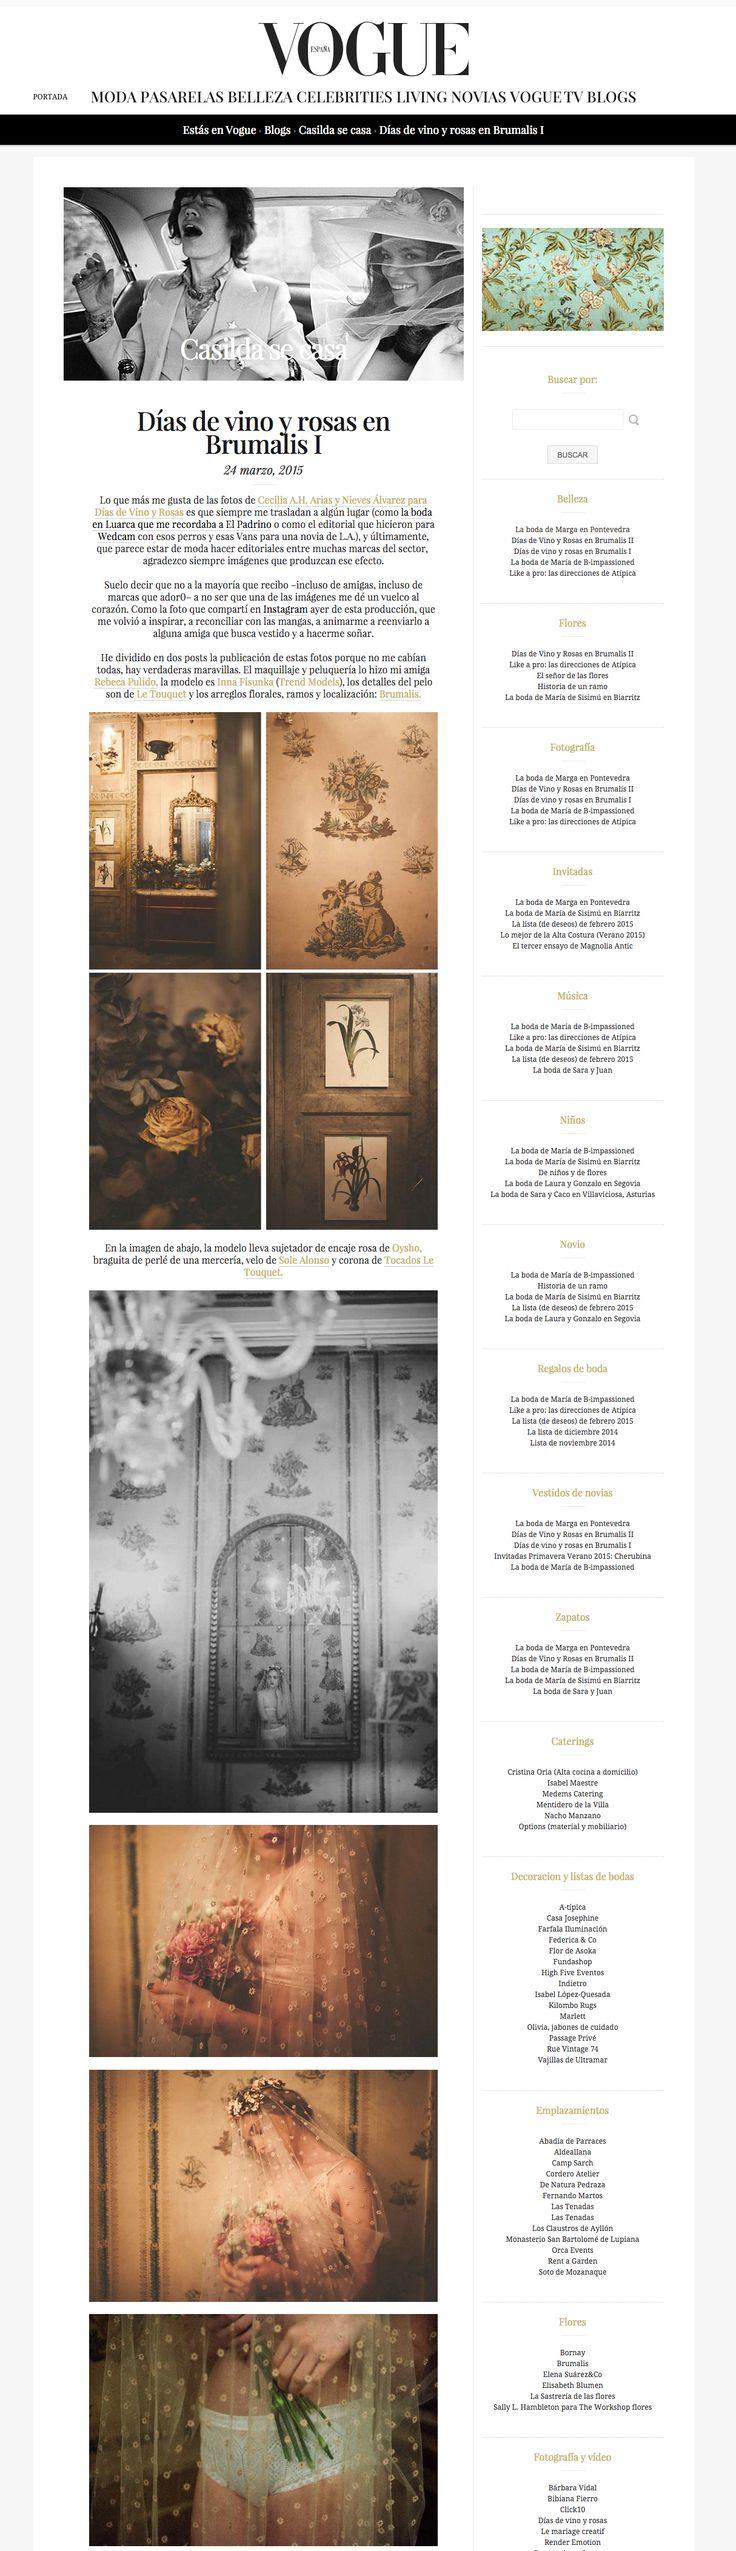 Our last editorial featured in Vogue's CASILDA SE CASA || Part I || http://casildasecasa.vogue.es/2015/03/24/dias-de-vino-y-rosas-en-brumalis-i/